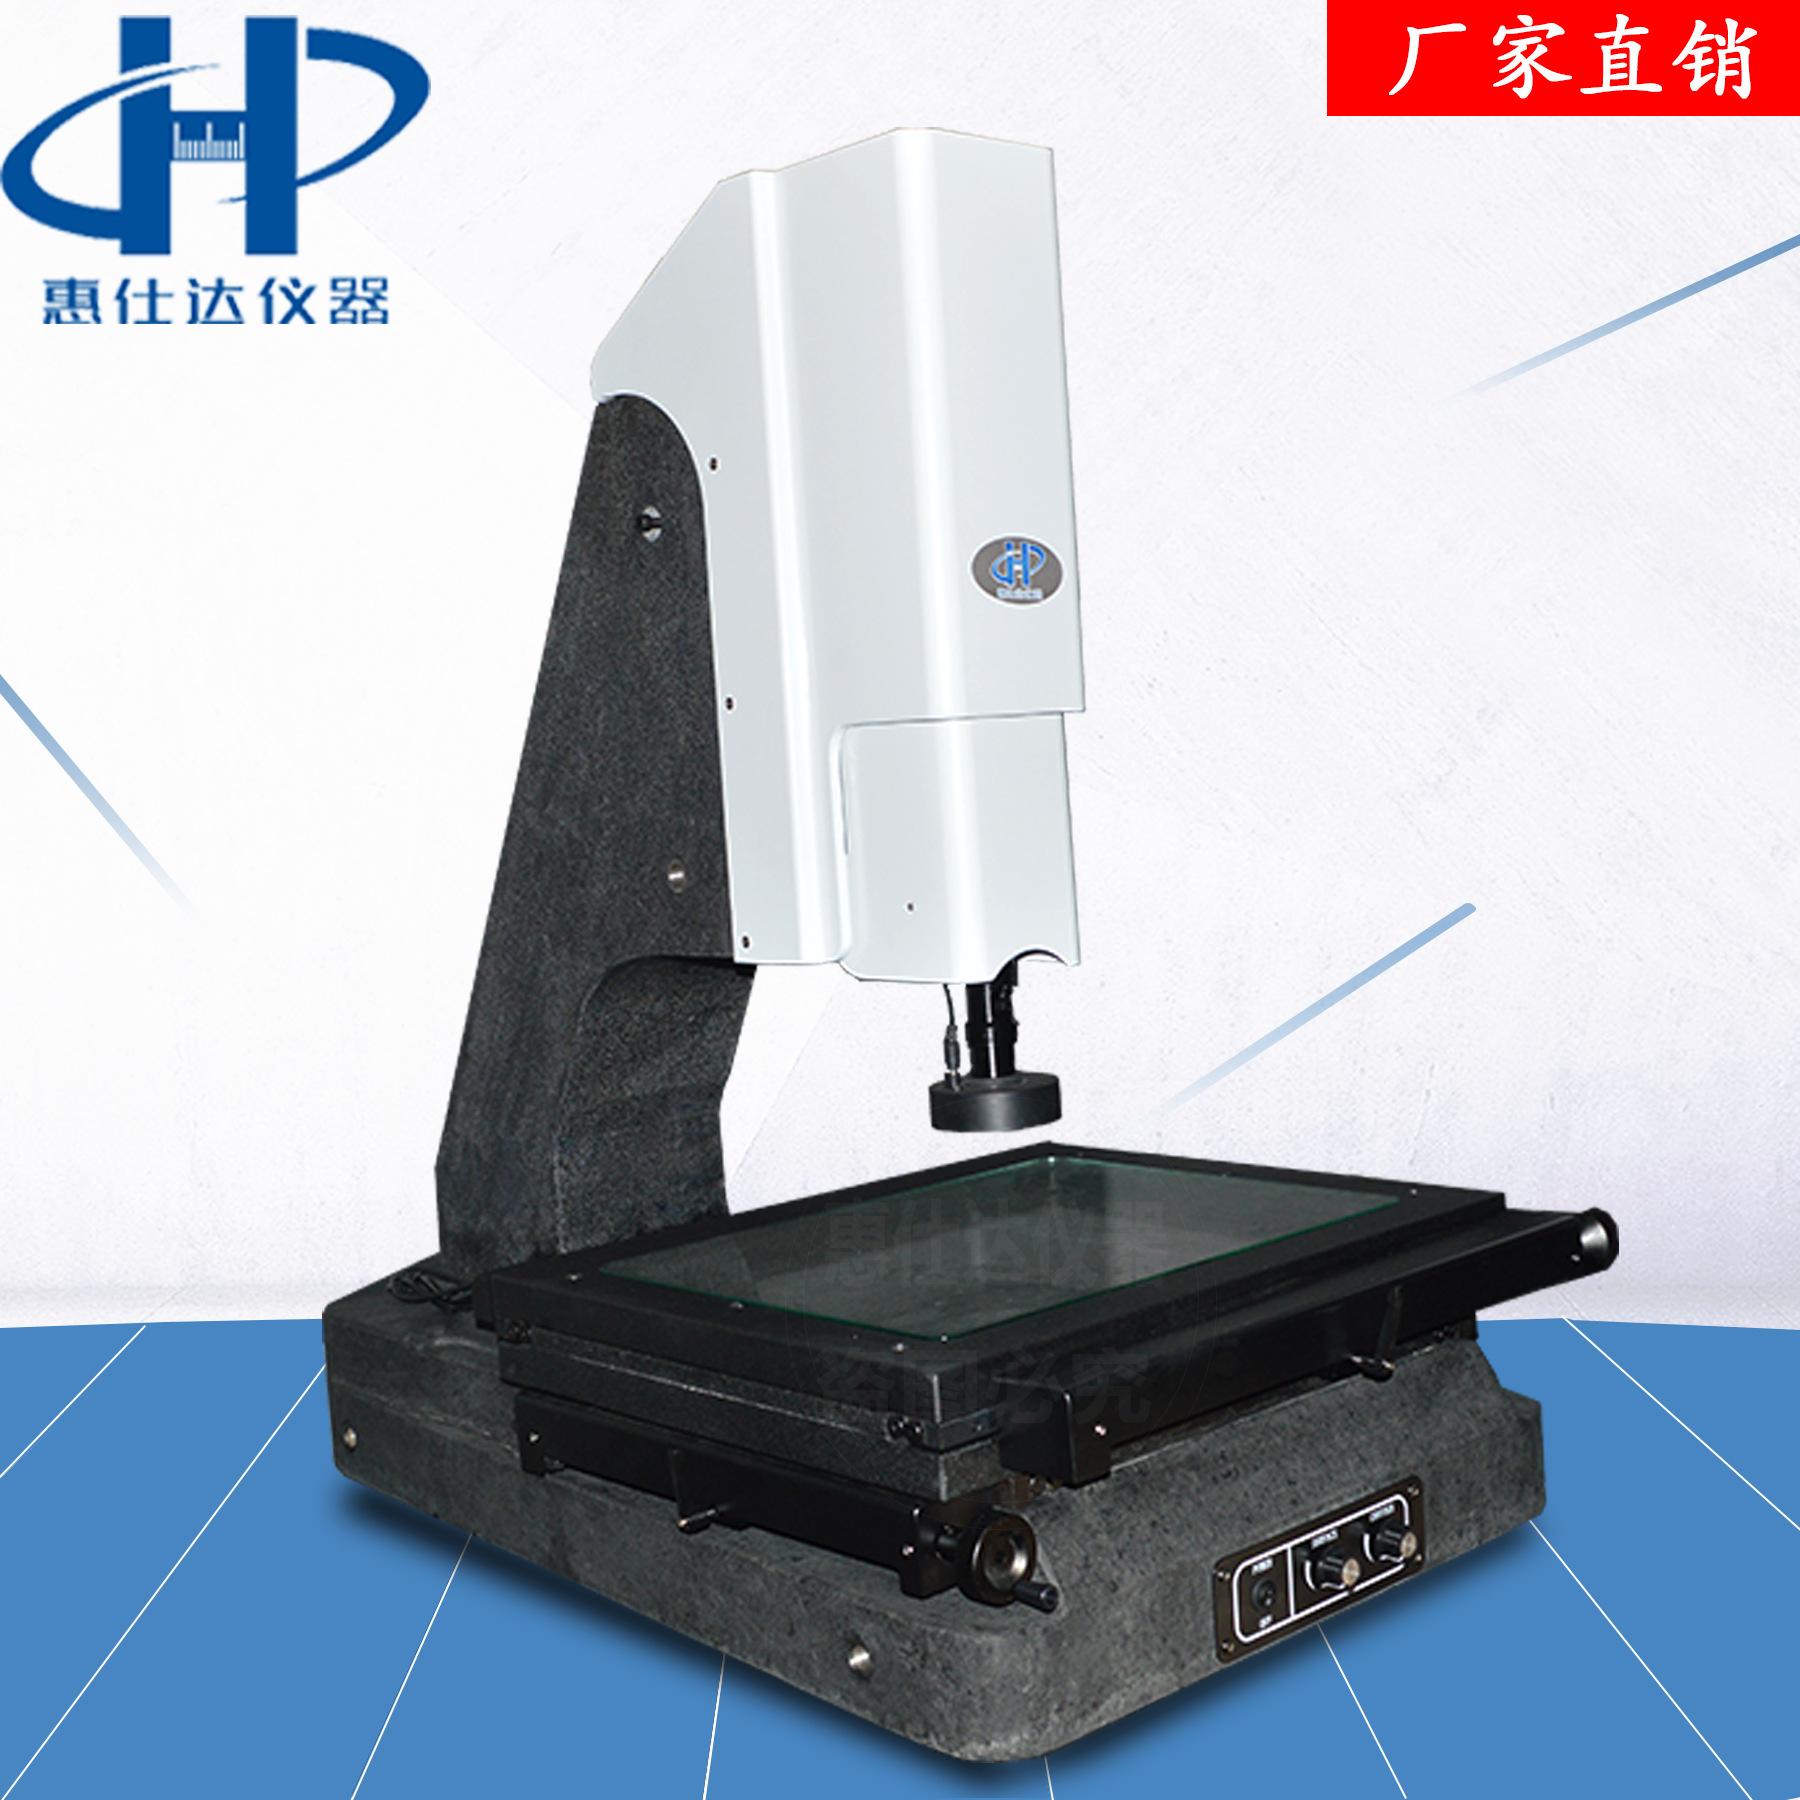 HUISHIDA Thị trường dụng cụ Đông Quan quang Dụng cụ chính xác Dụng cụ đo hình ảnh quang học Thứ hai